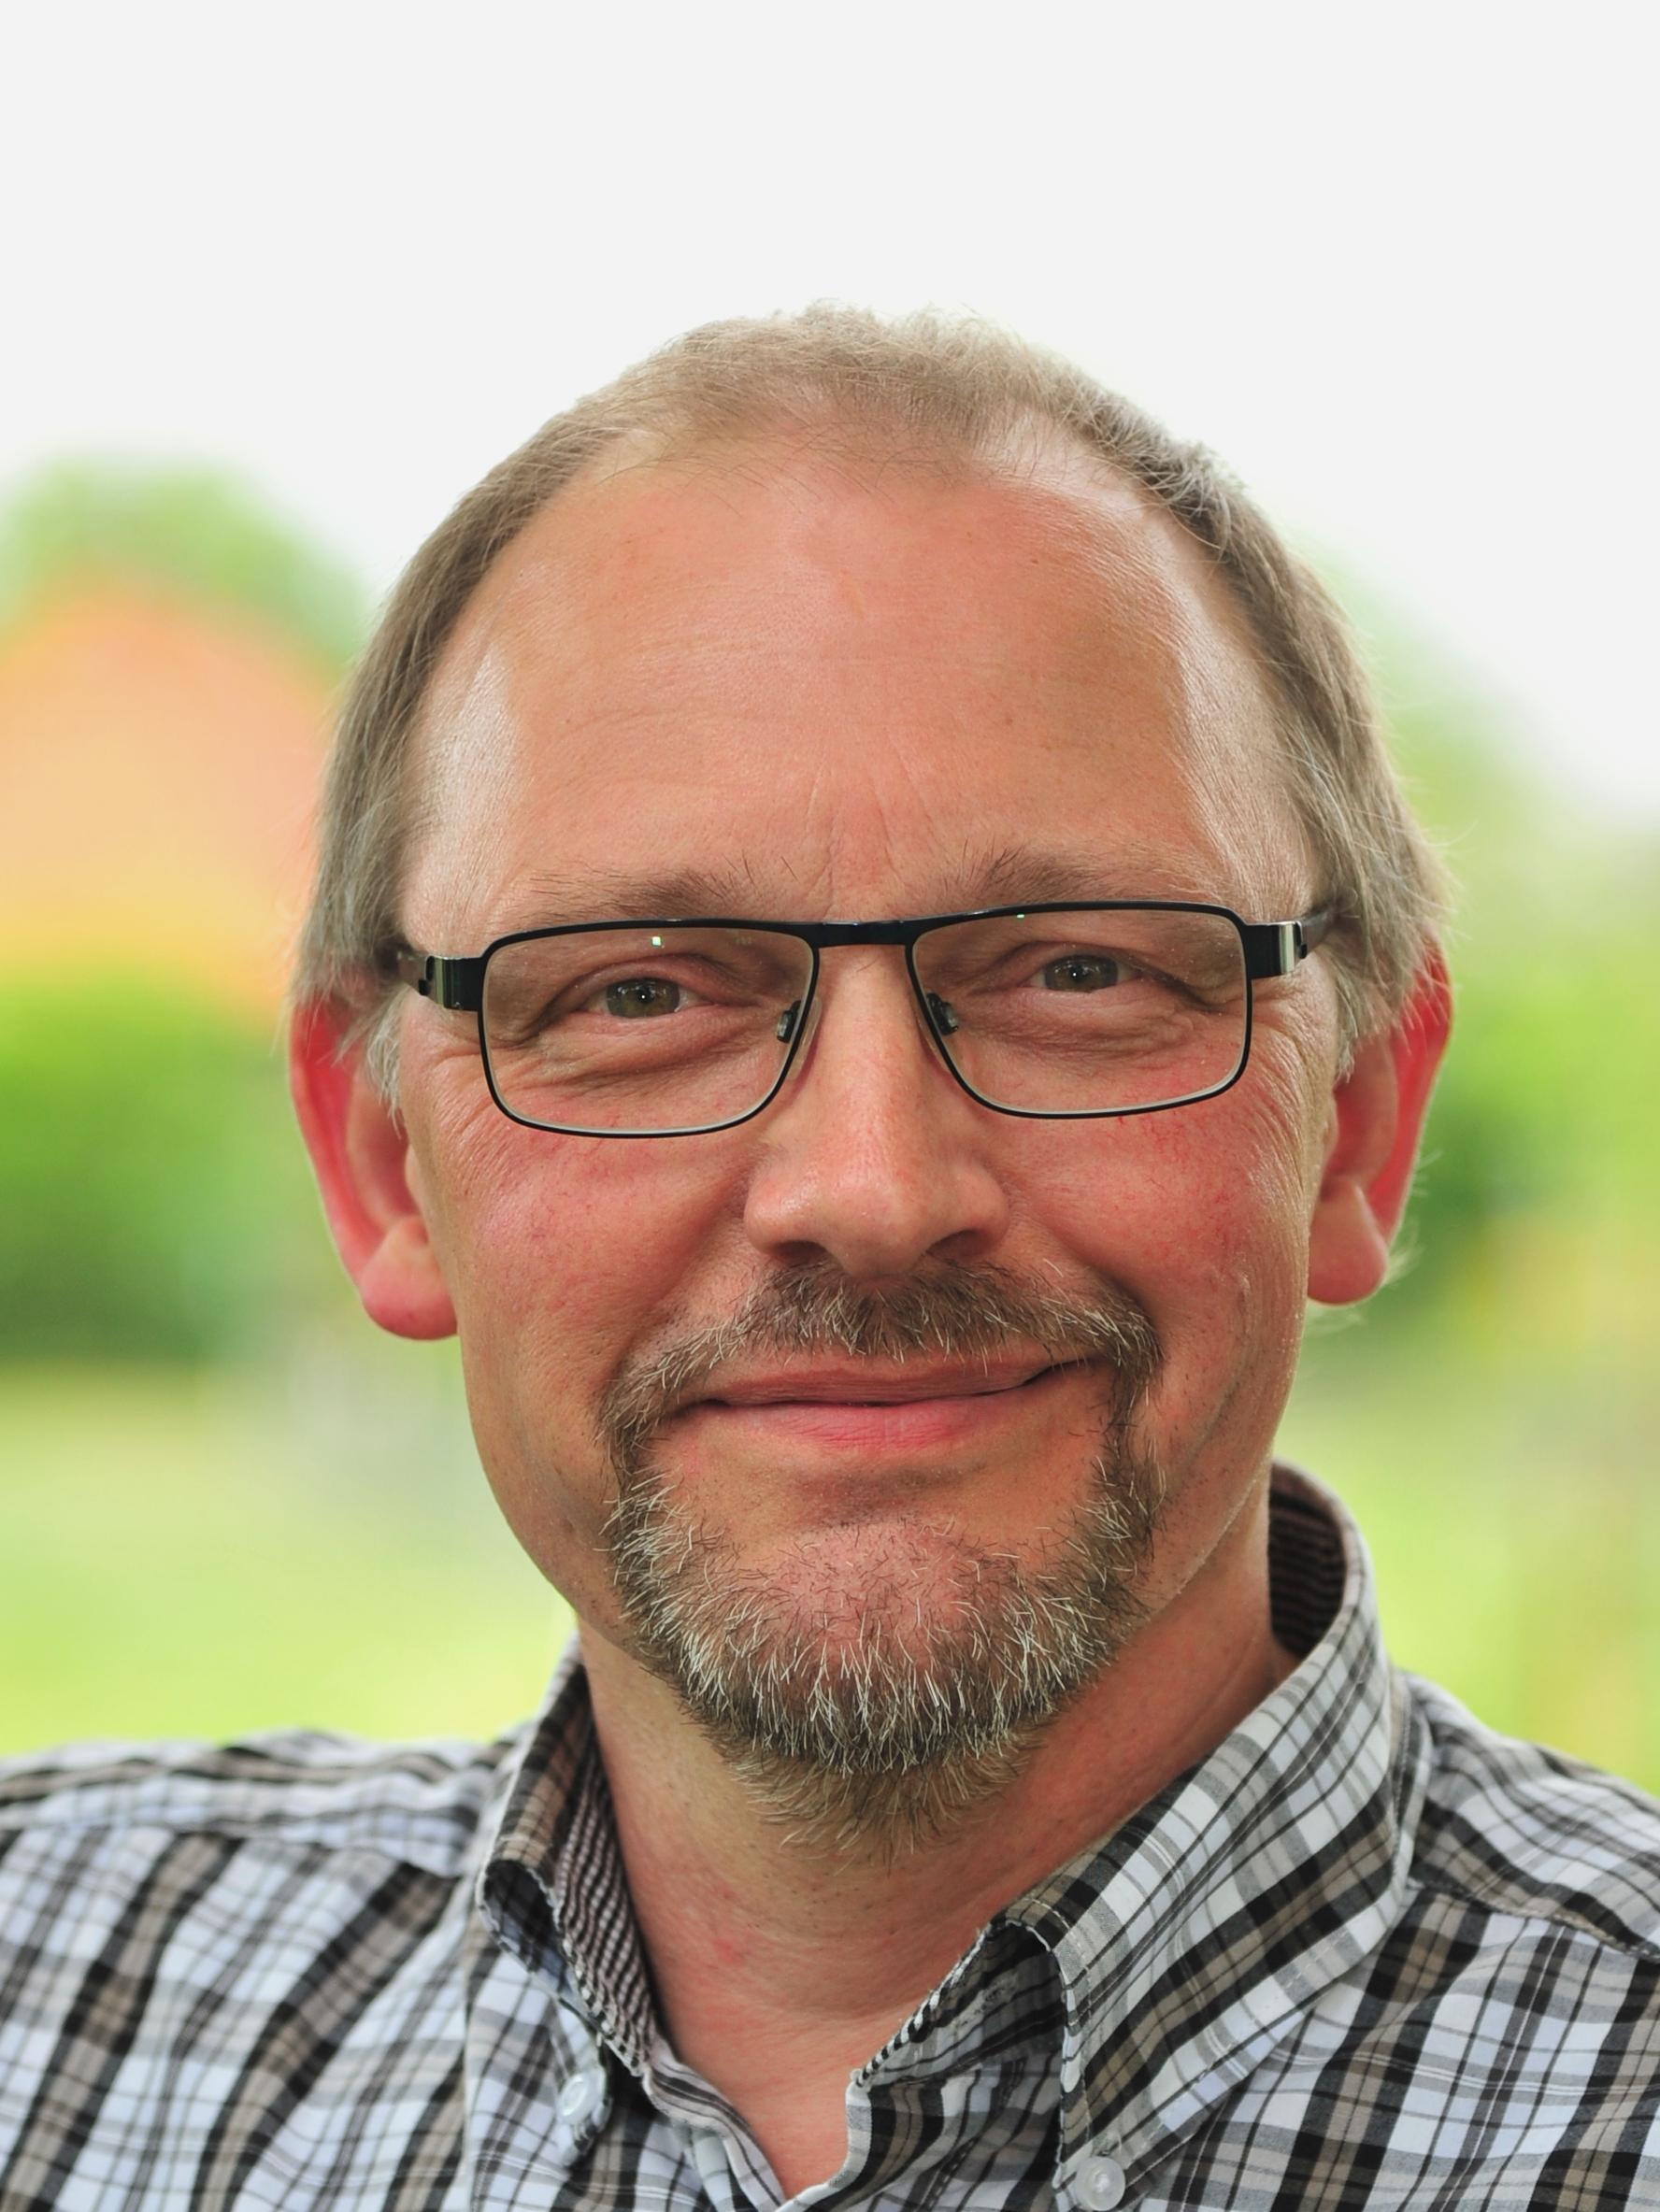 Erwin Fette